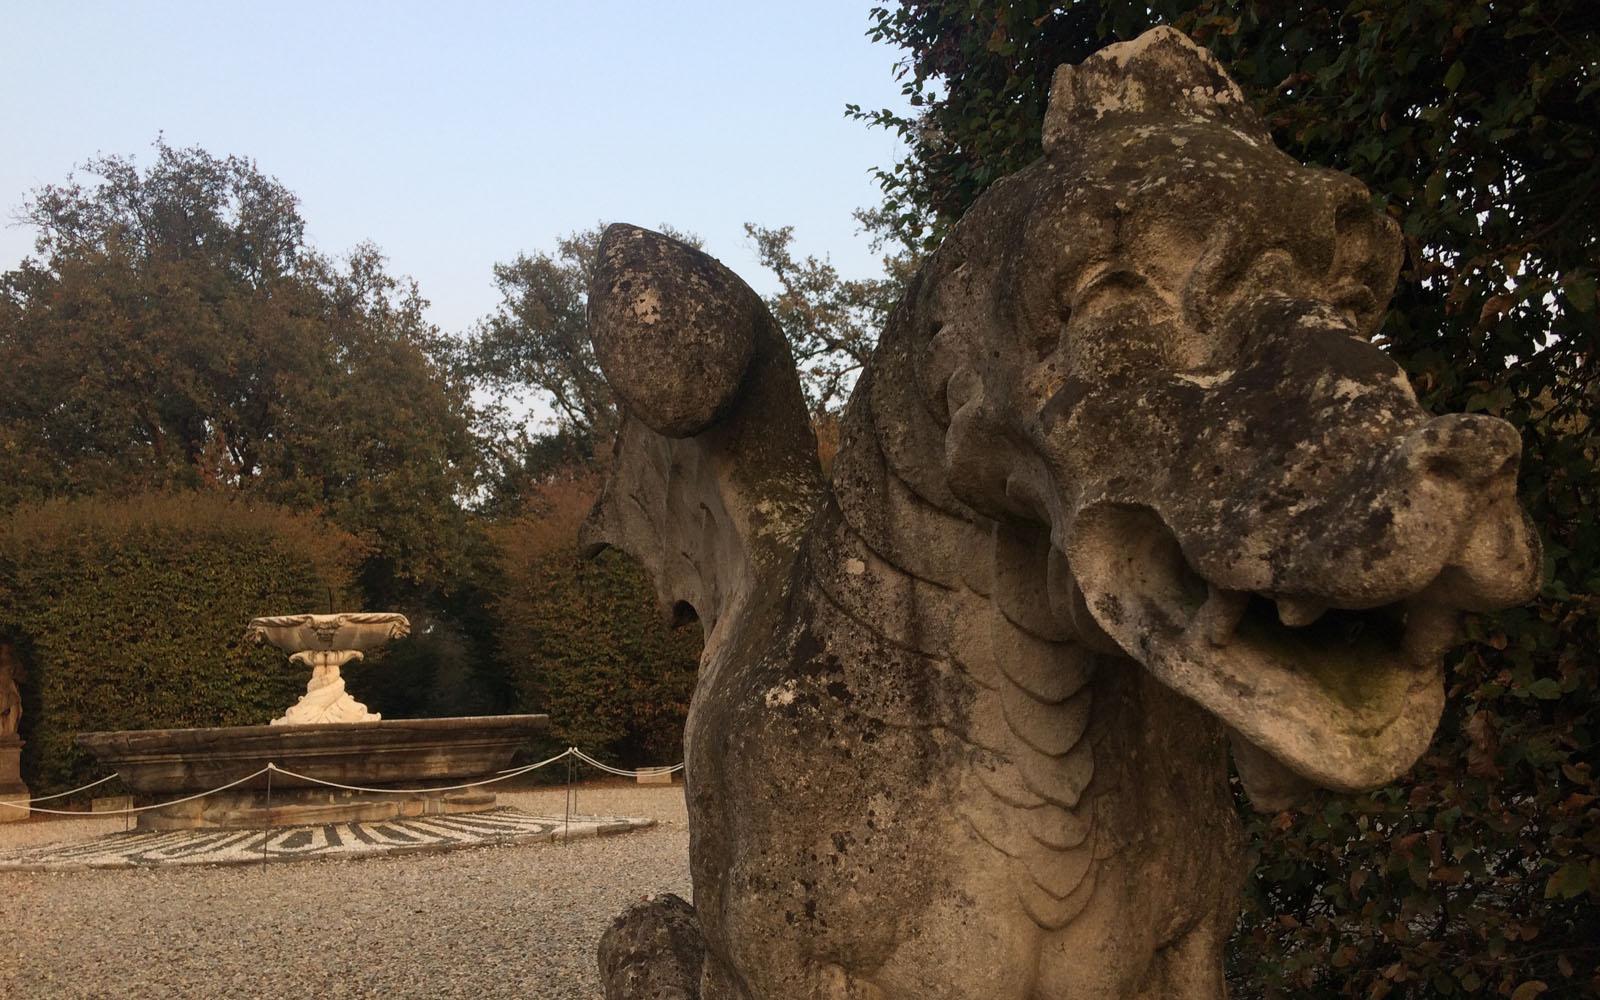 Una statua classica nel giardino di Villa Arconati.